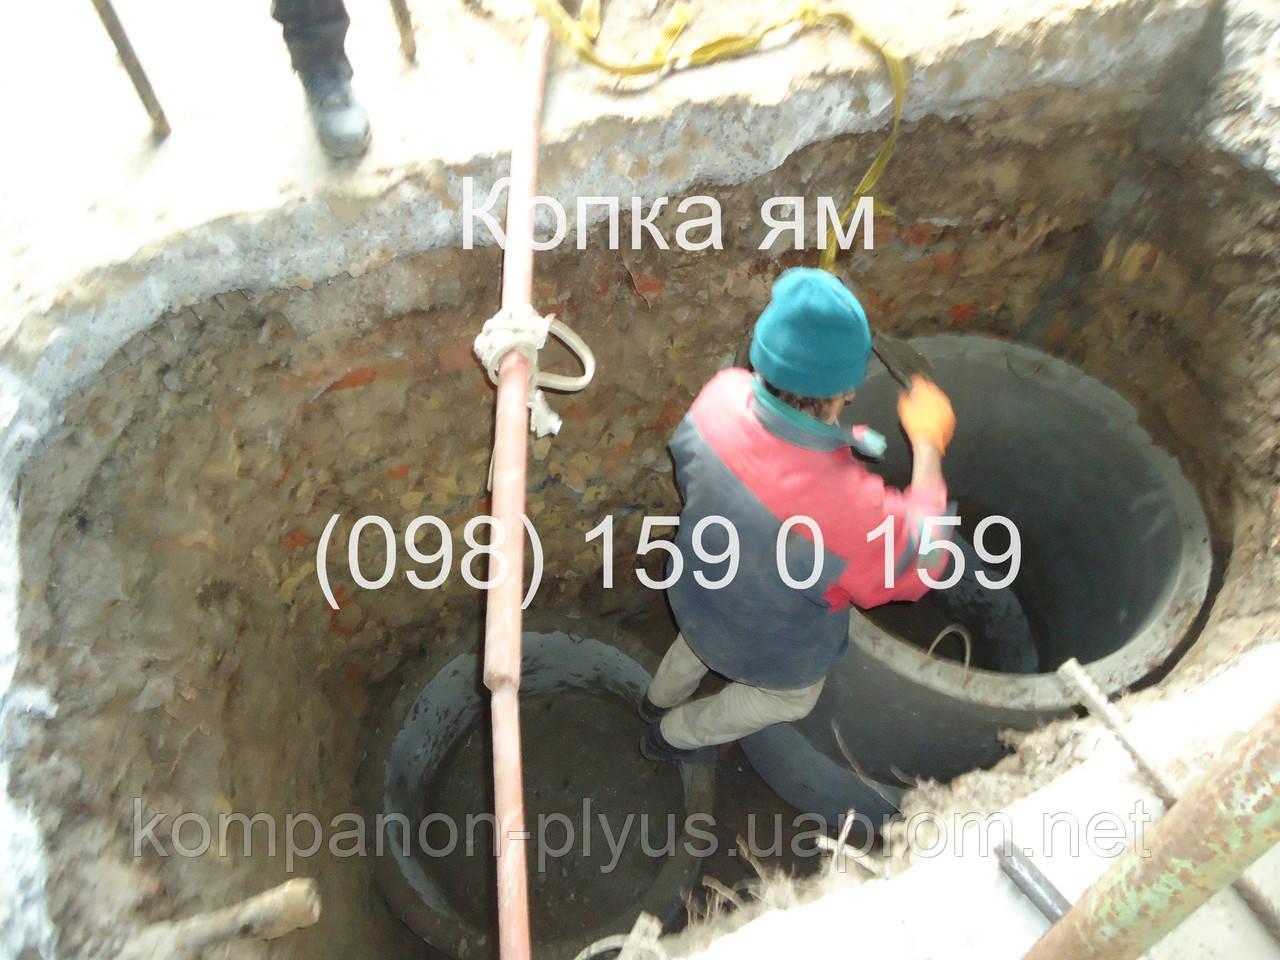 Ручные земляные работы Землеройные работы вручную Ручная копка, рытье траншей Копание ям